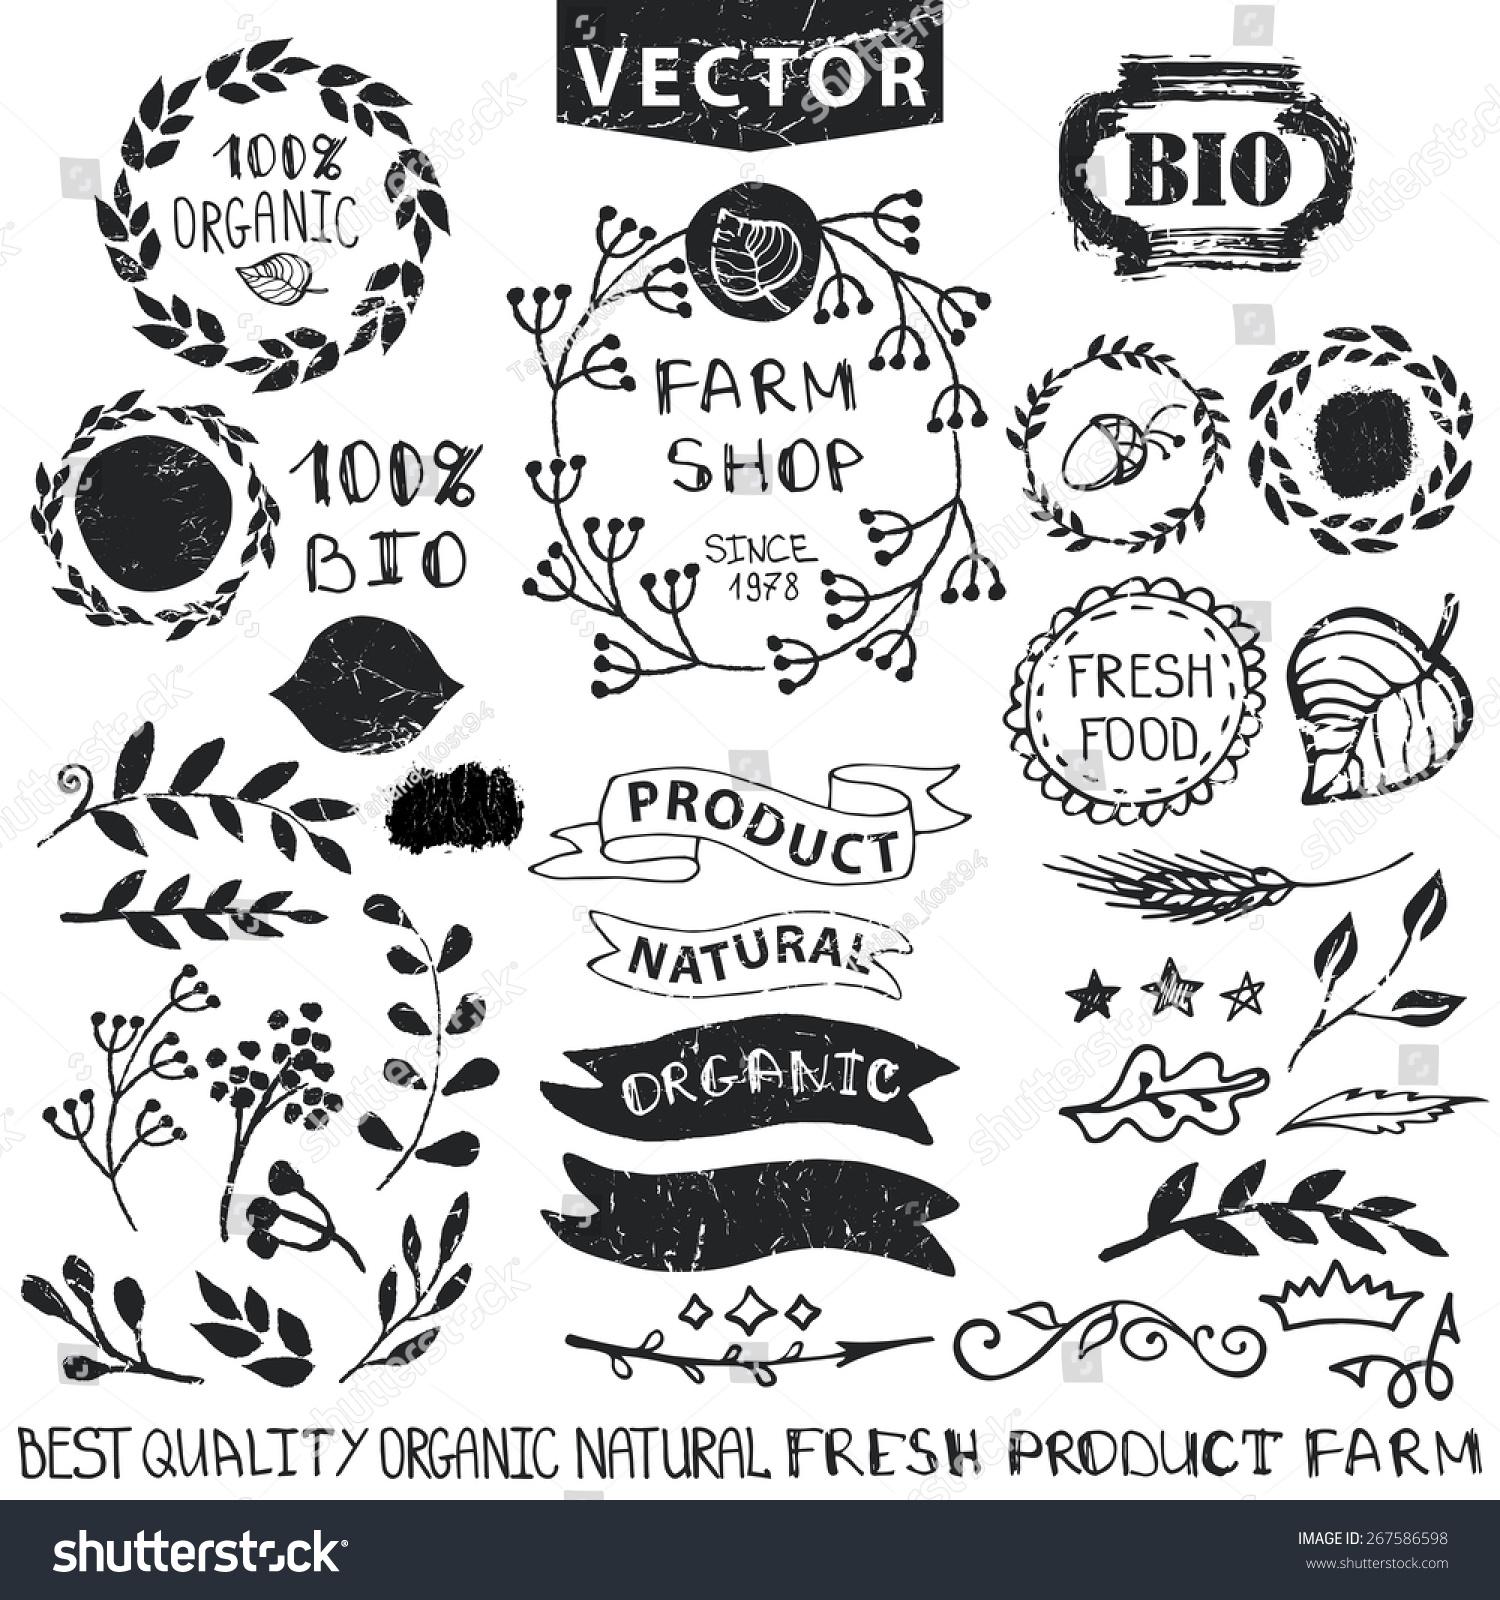 Set Badgeslabelslogofloral Elementswreaths Laurels Organicbionatural ...